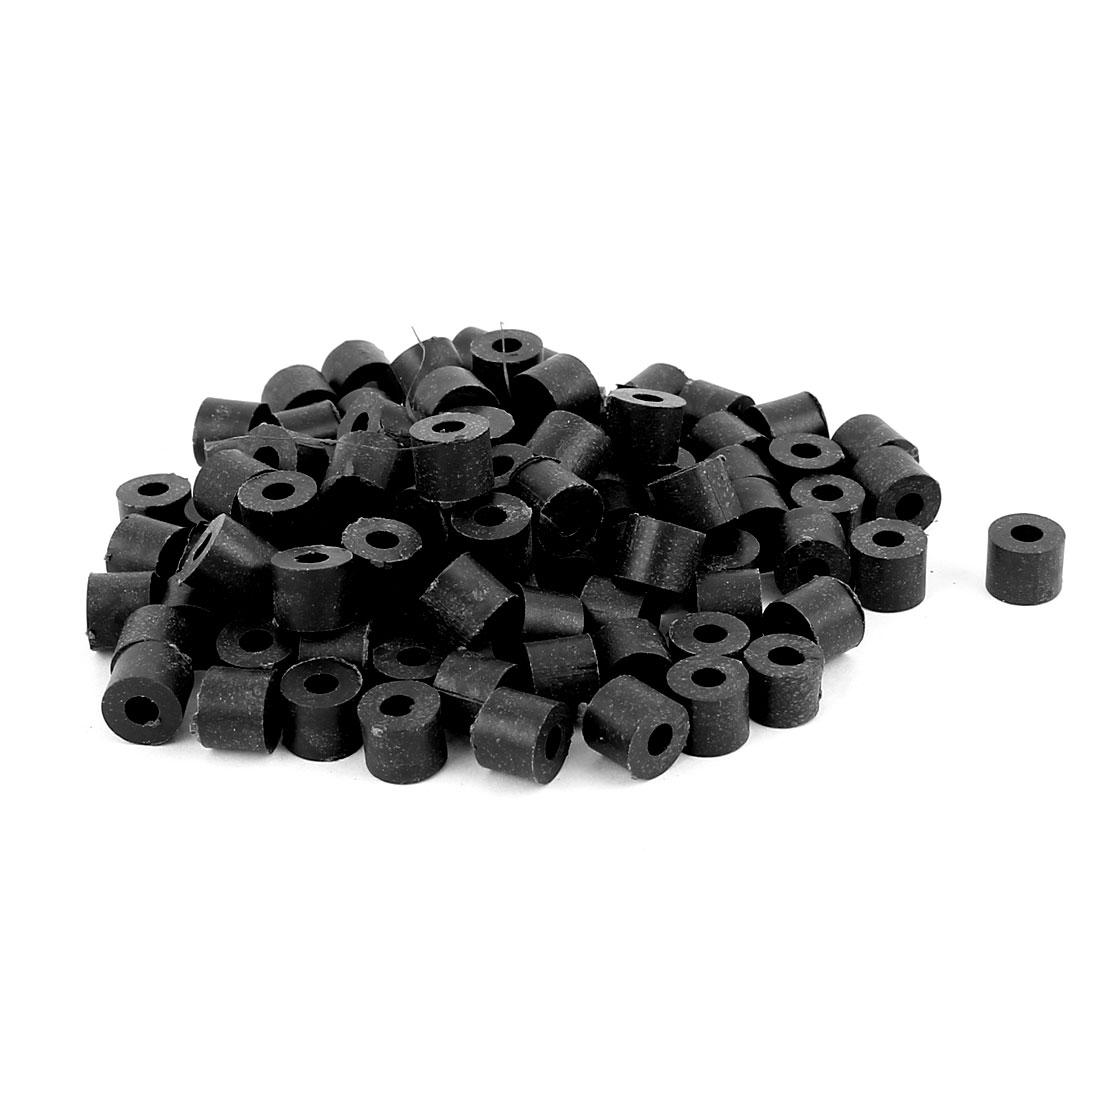 100 Pcs ABS Cylinder LED Spacer Holder Support M3 x 6mm Black